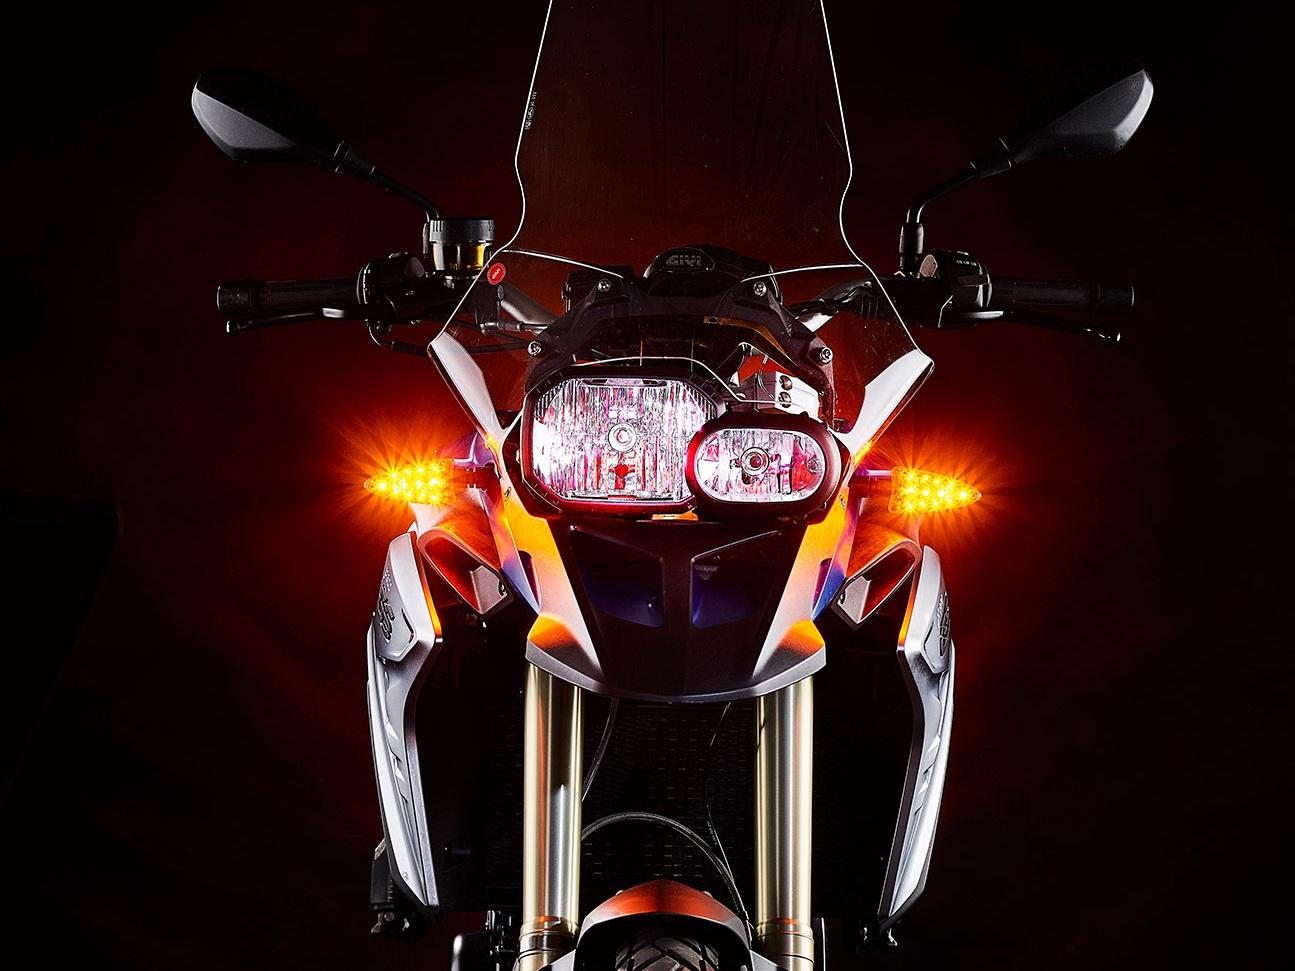 weiser-driving-light-turn-signal-combo-3.jpg